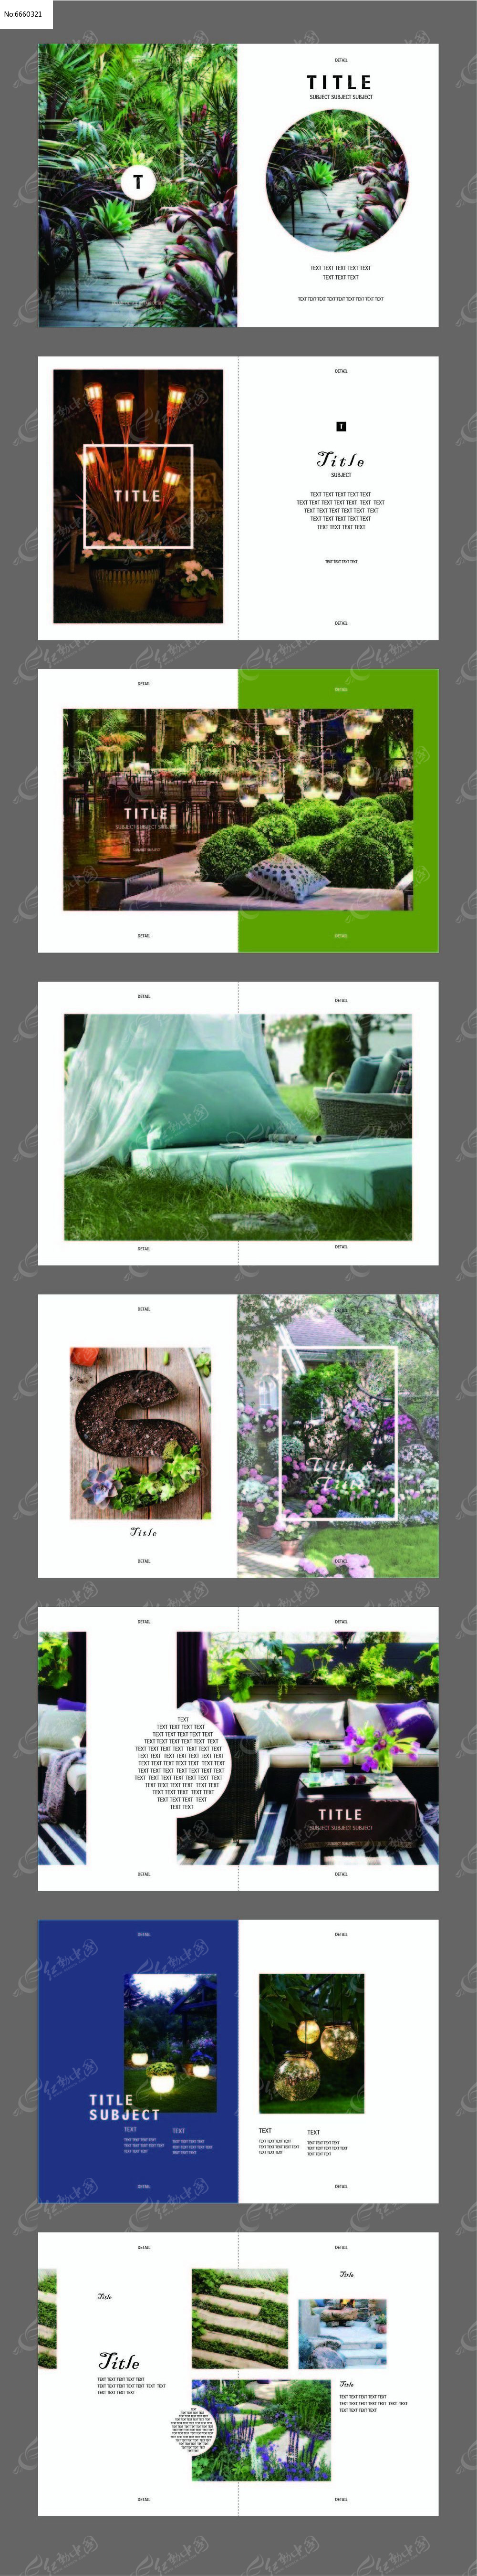 简洁时尚画册版式设计图片